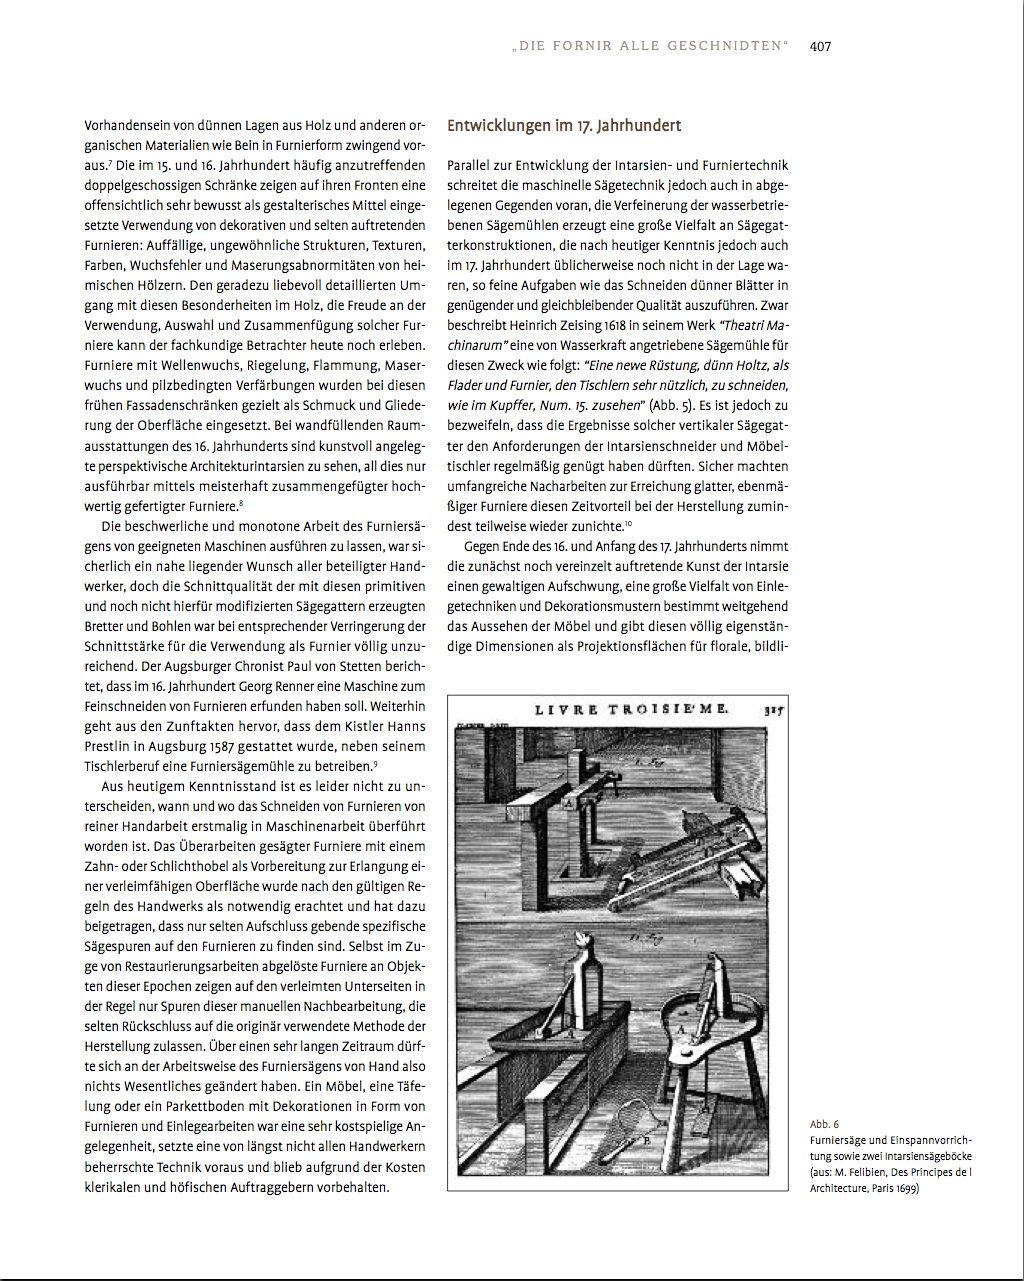 Galerie - Bild 3